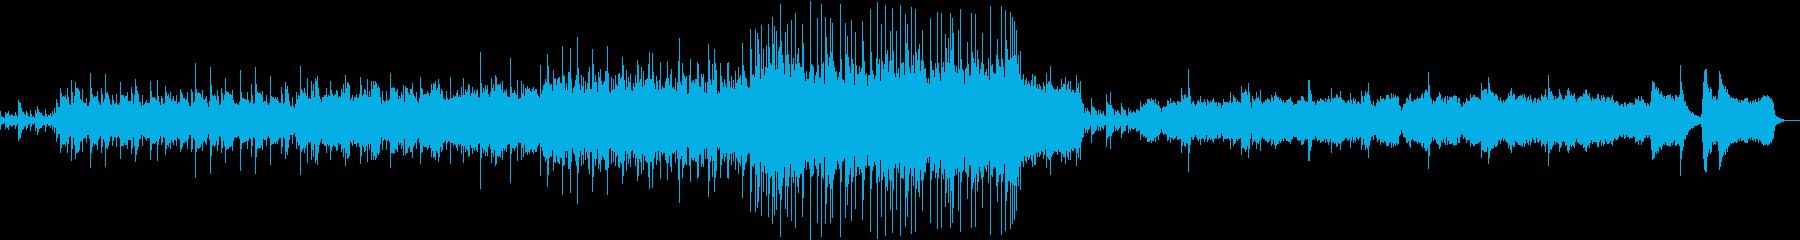 厳粛な行進曲風の再生済みの波形